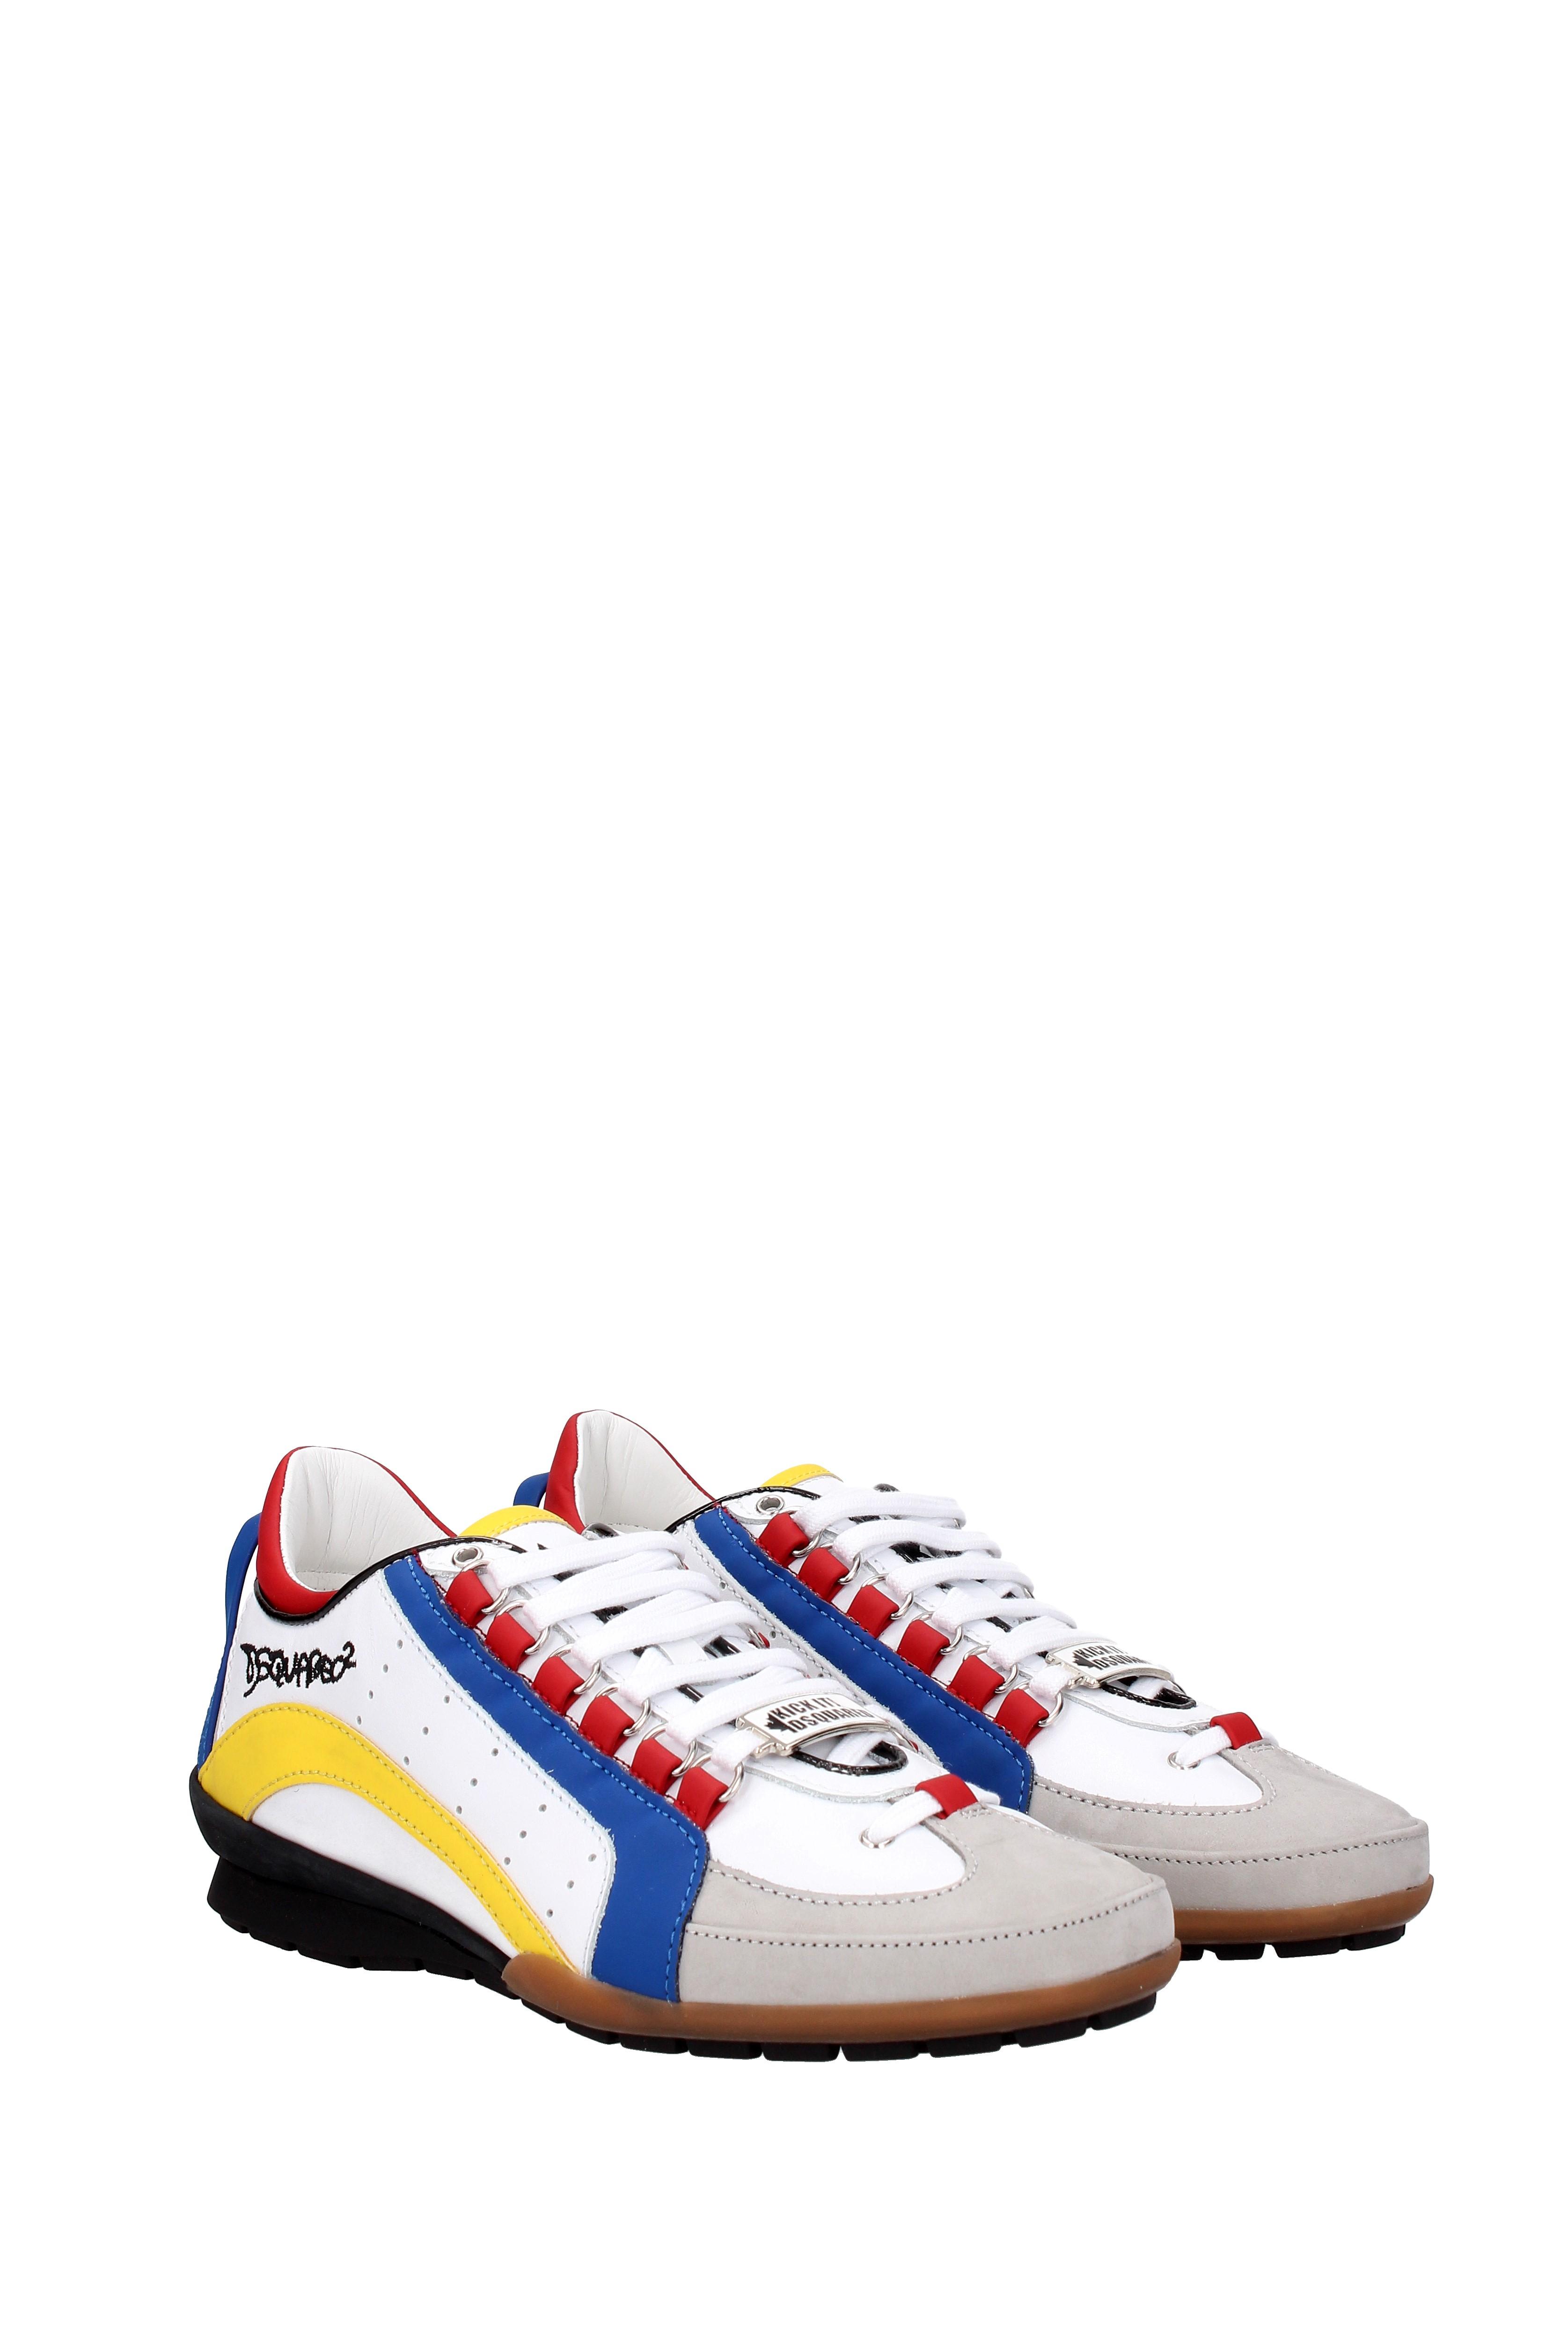 Sneakers DsquaROT2 Herren - Leder Leder Leder (SN434714) cd946c